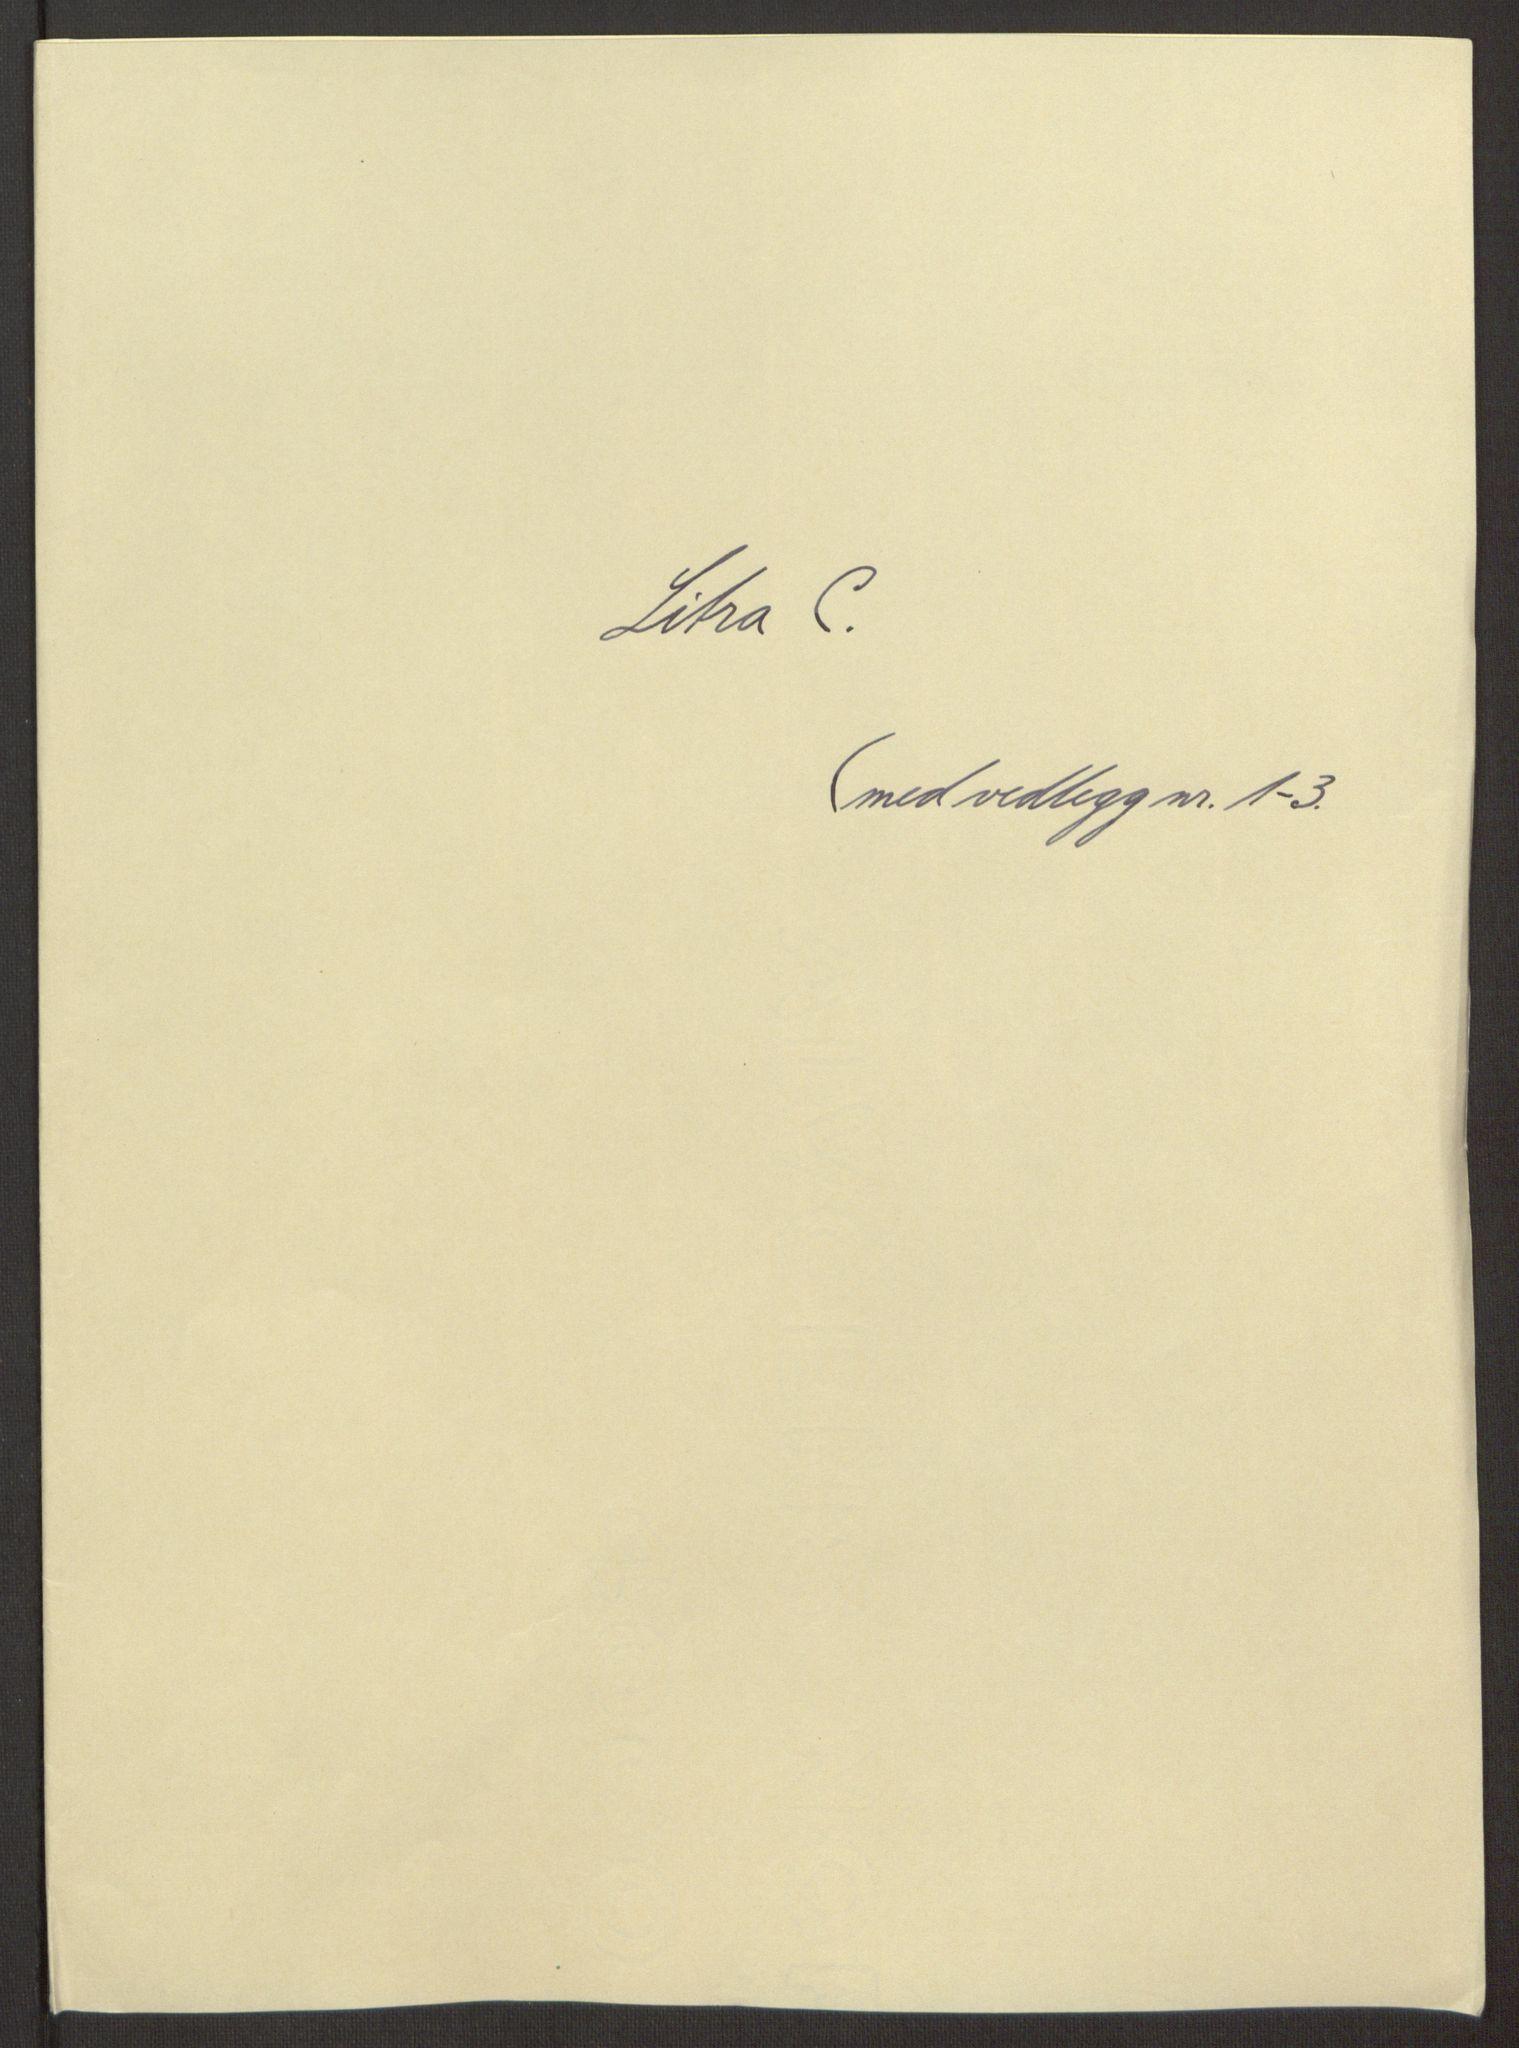 RA, Rentekammeret inntil 1814, Reviderte regnskaper, Fogderegnskap, R48/L2973: Fogderegnskap Sunnhordland og Hardanger, 1691-1692, s. 609